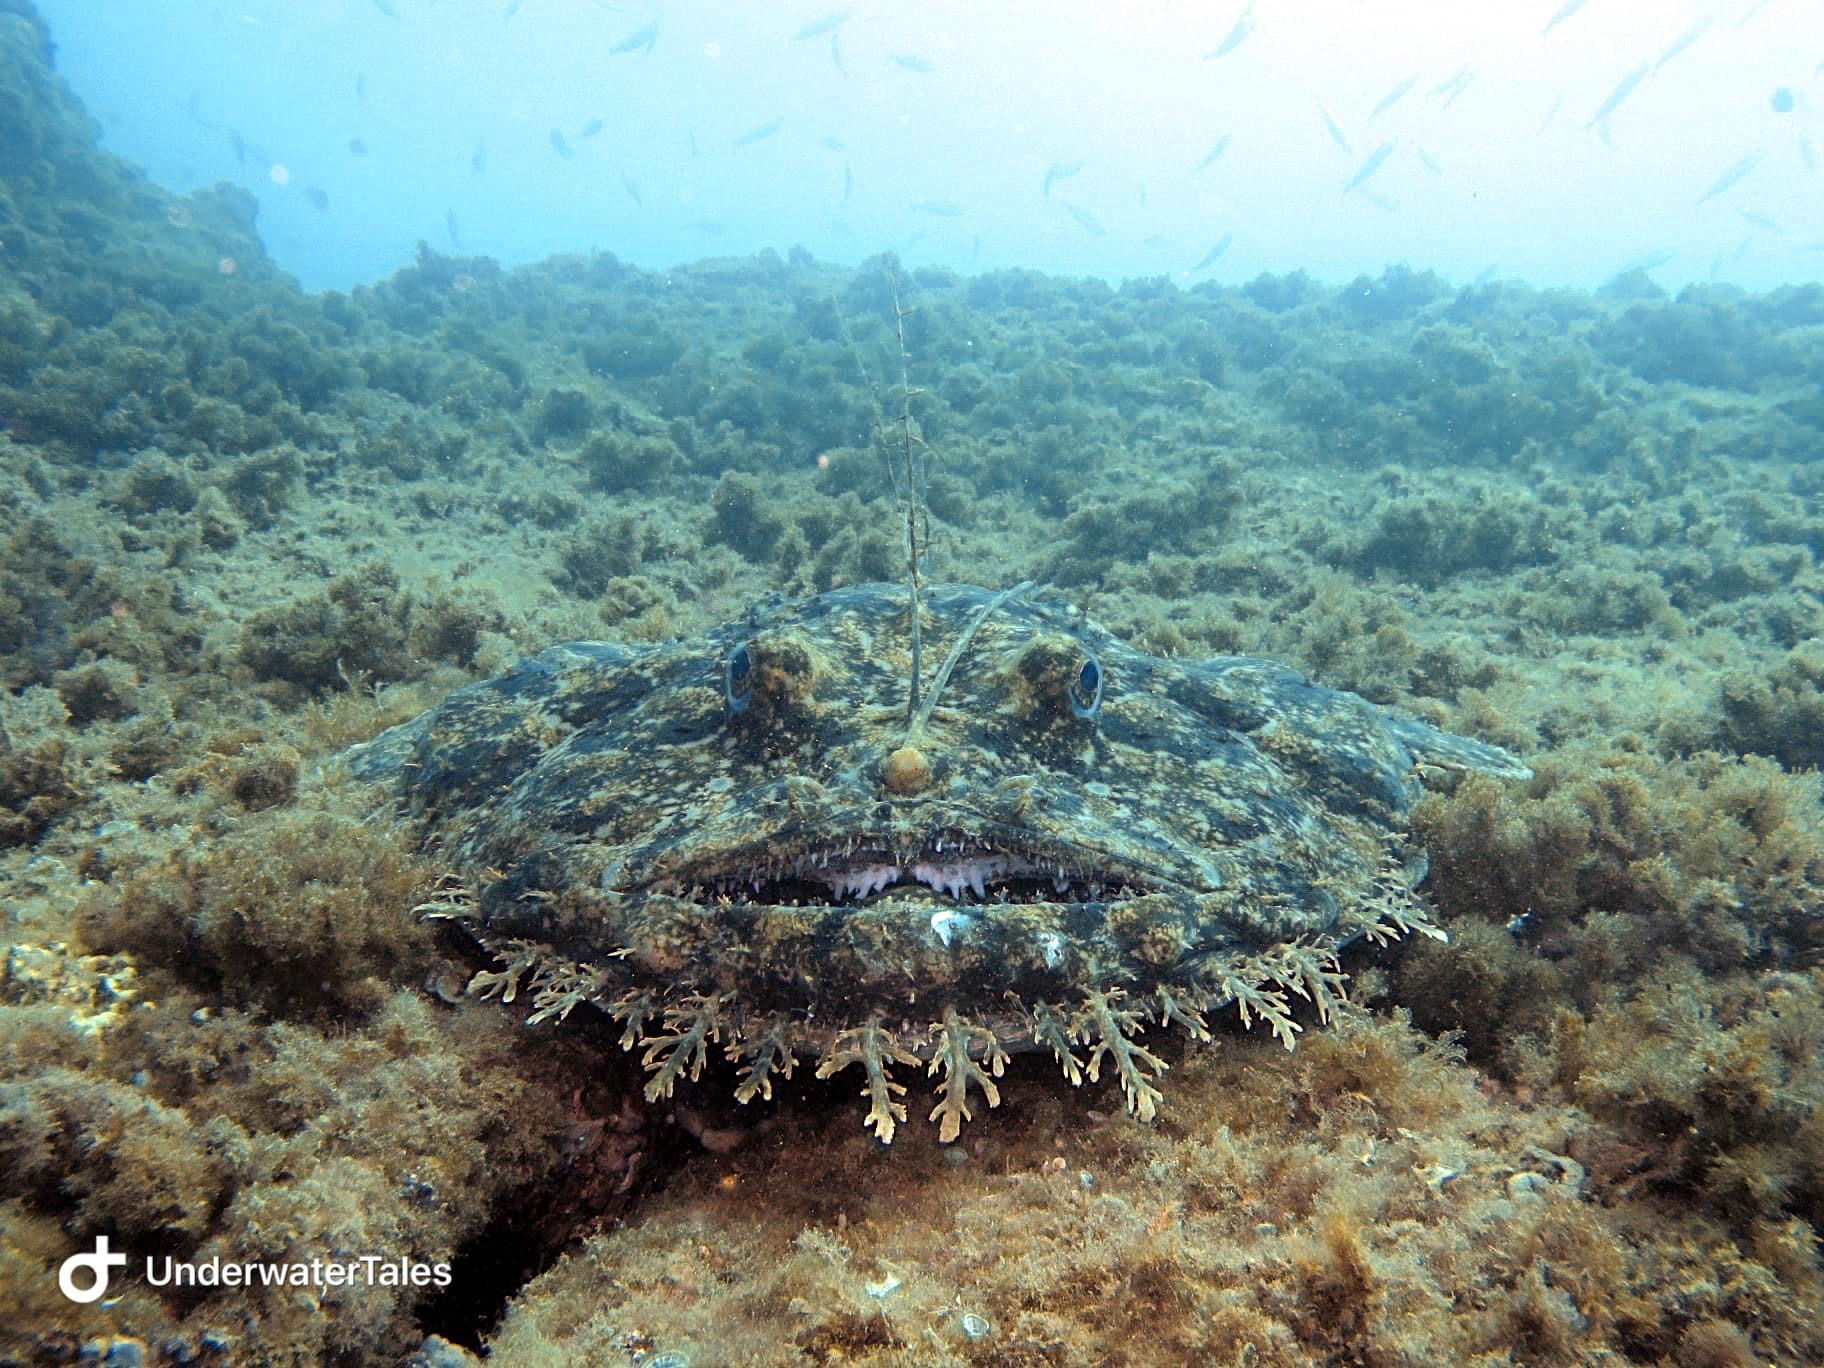 La bocca della rana pescatrice